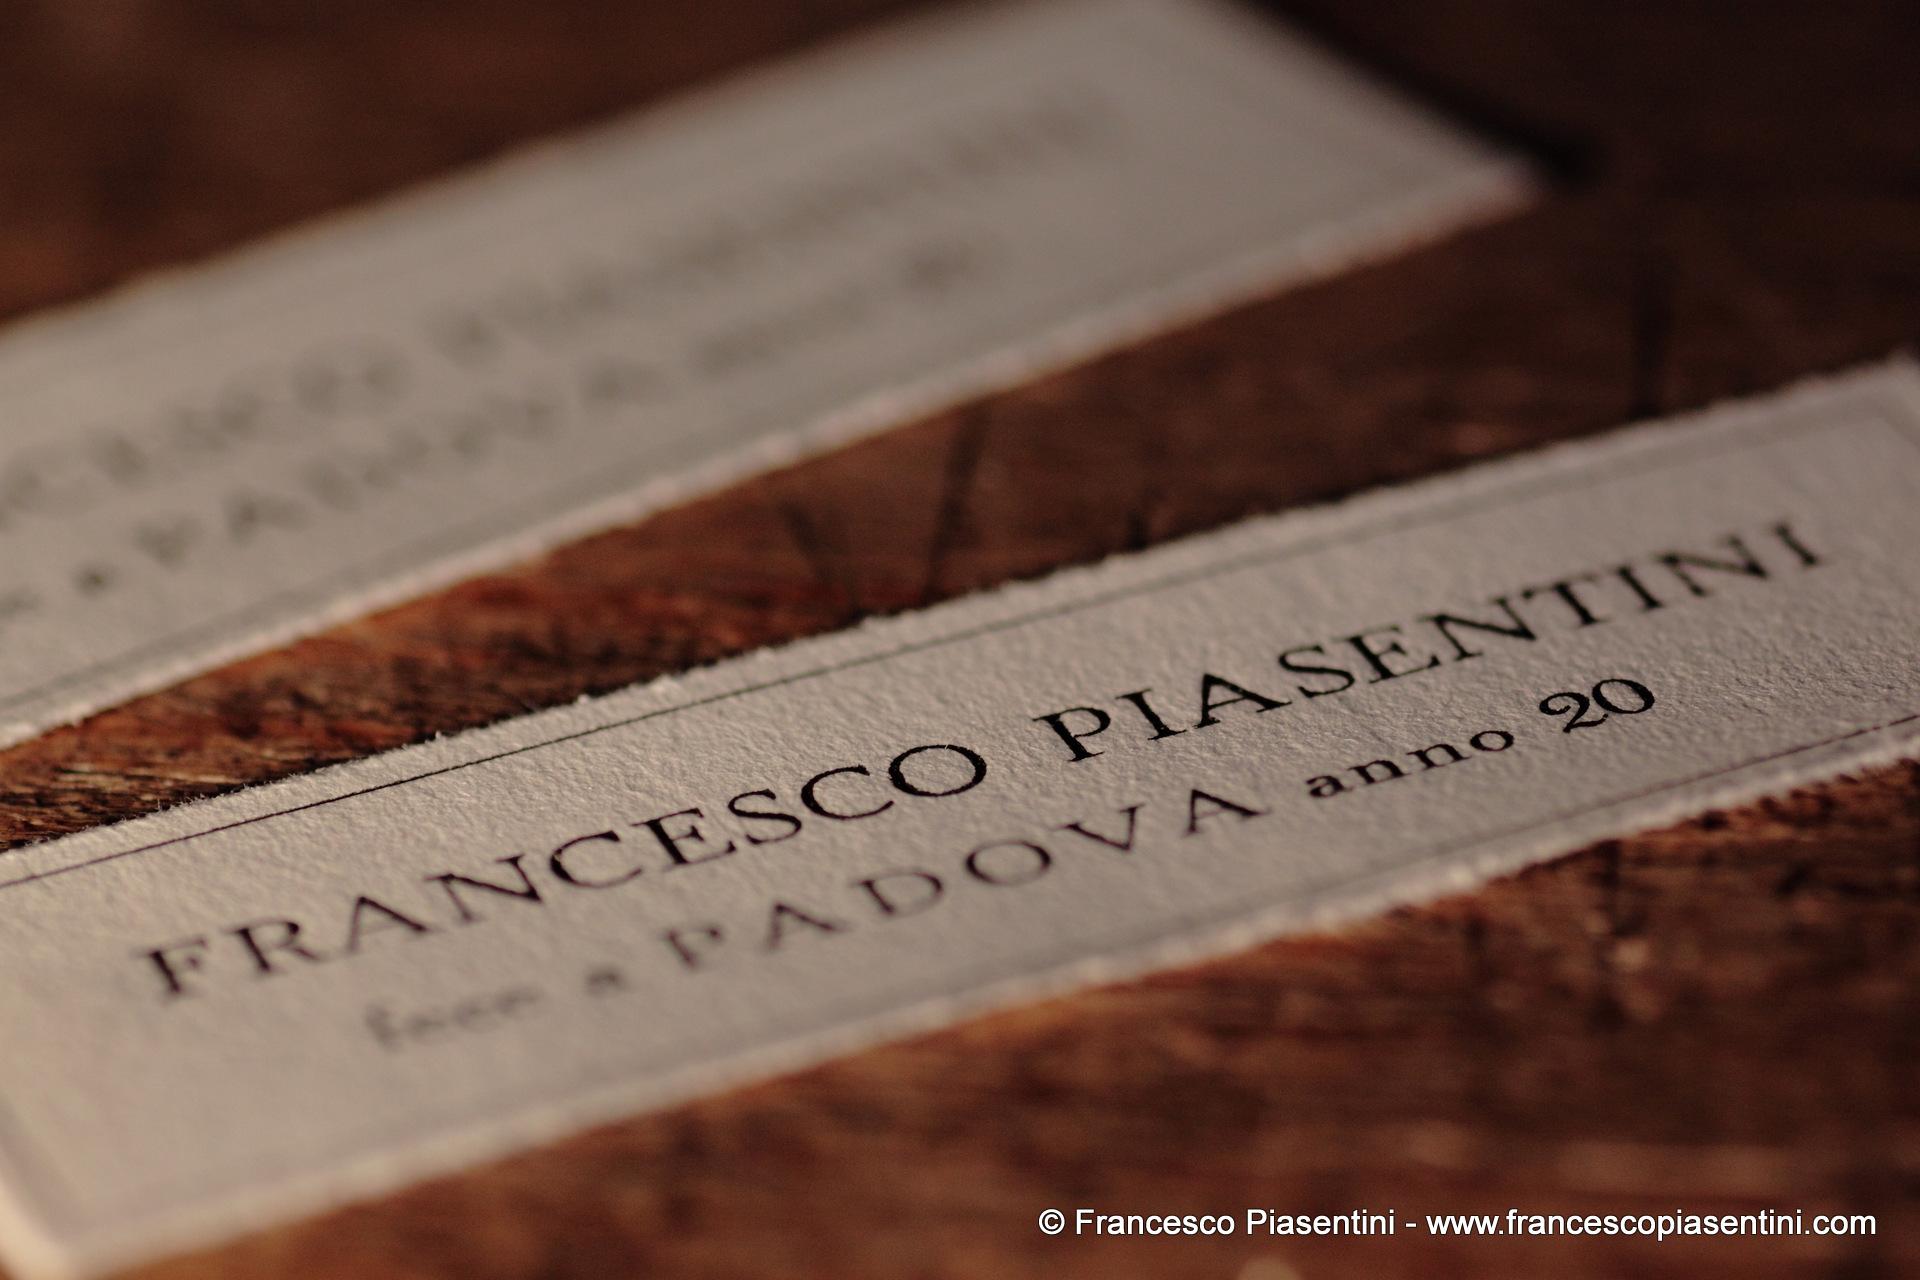 Etichetta_Francesco_Piasentini-LetterPress